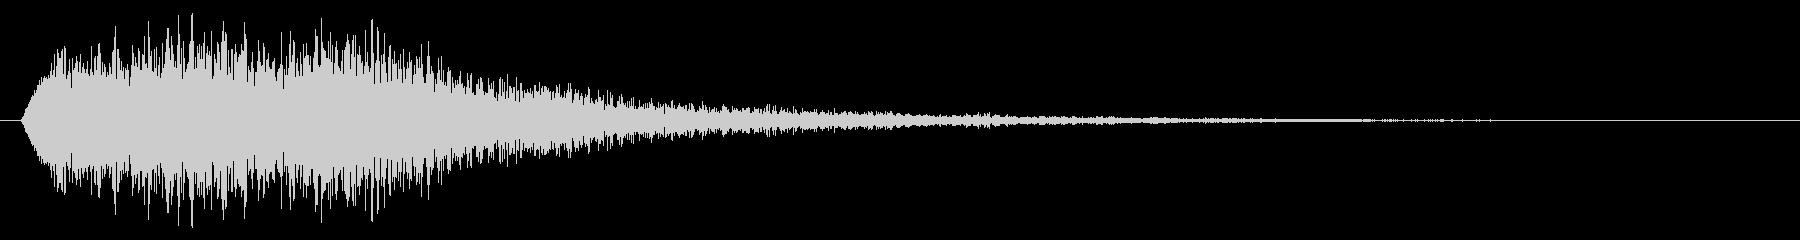 場面転換/ピアノ/変身の未再生の波形